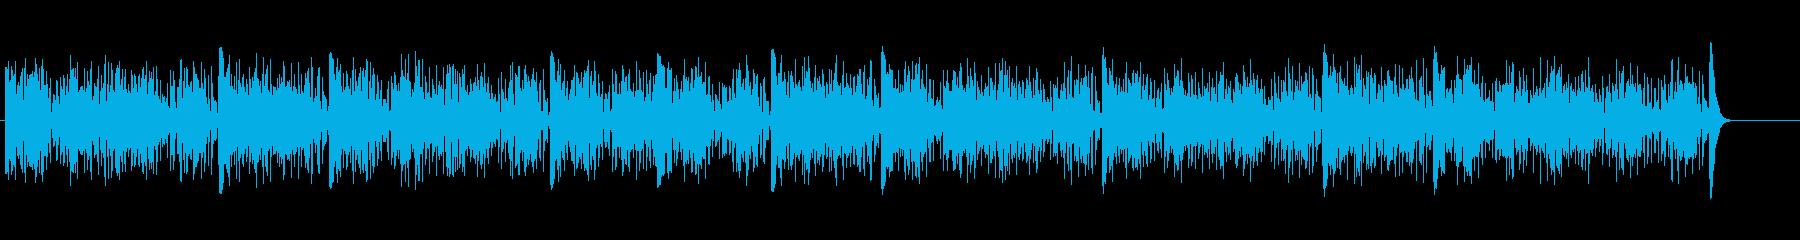 ビブラフォンで演奏される非常に弾力...の再生済みの波形